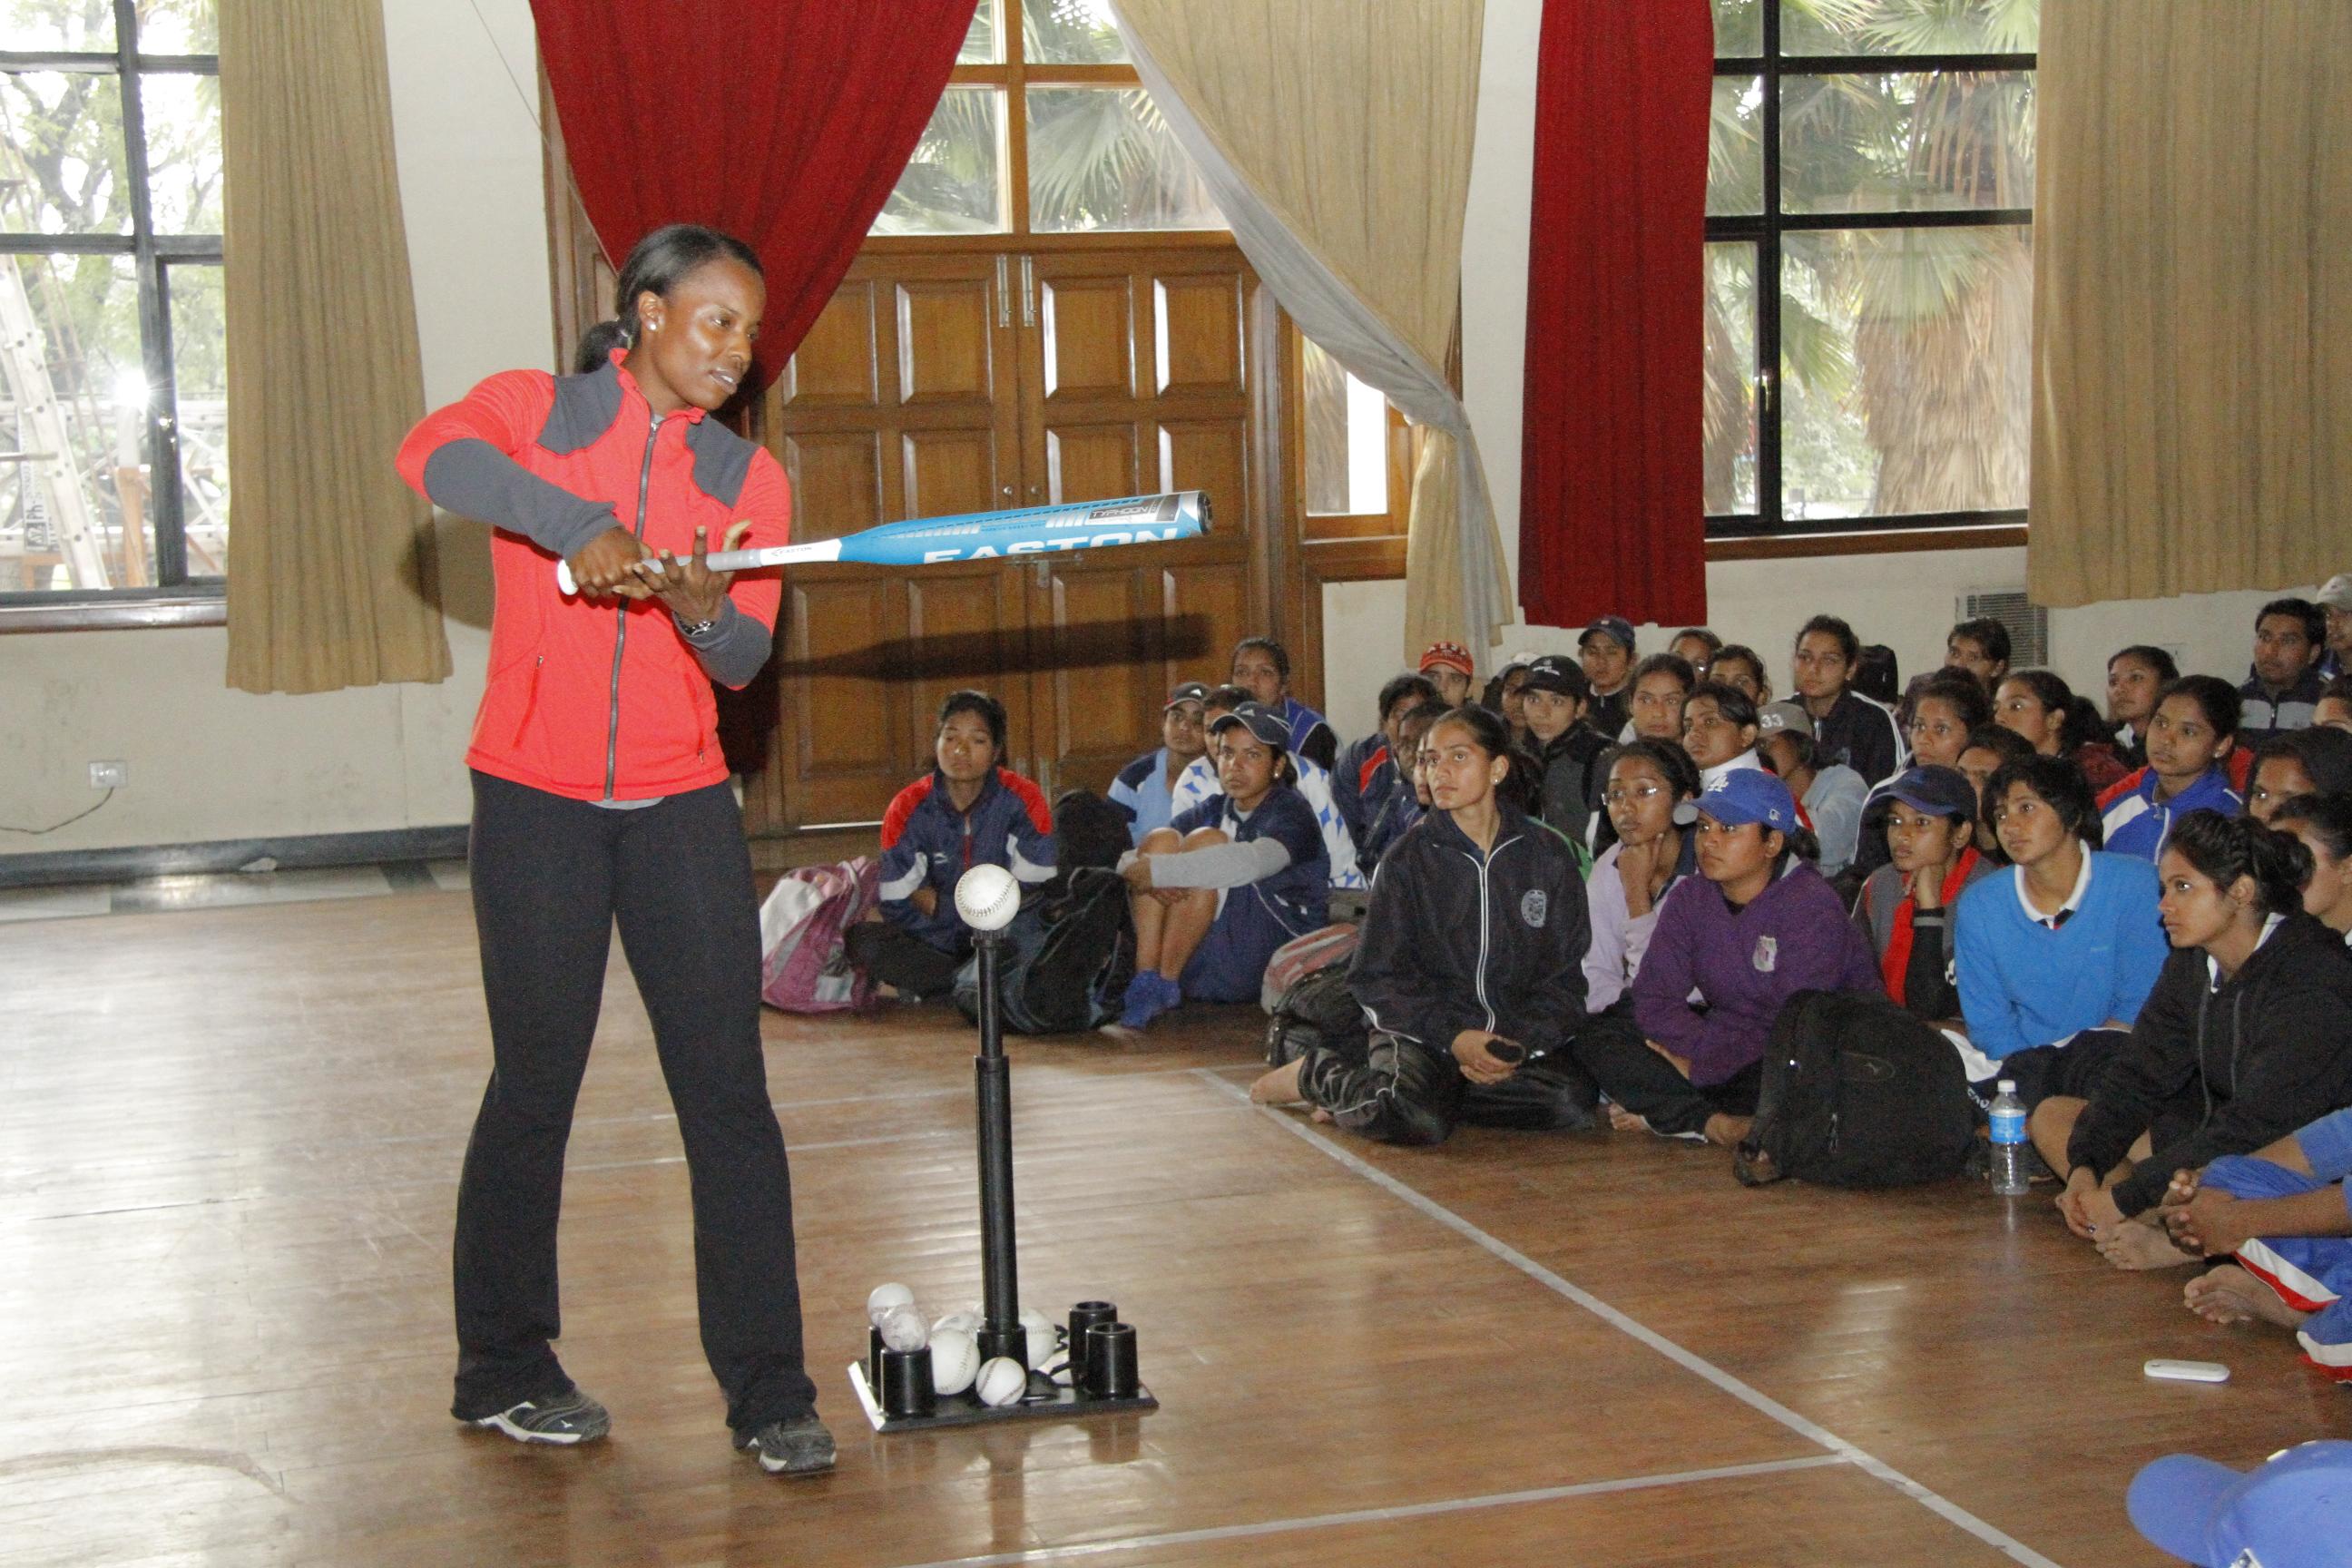 Sports Envoy Natasha Watley provides key tips on batting at a group meeting.